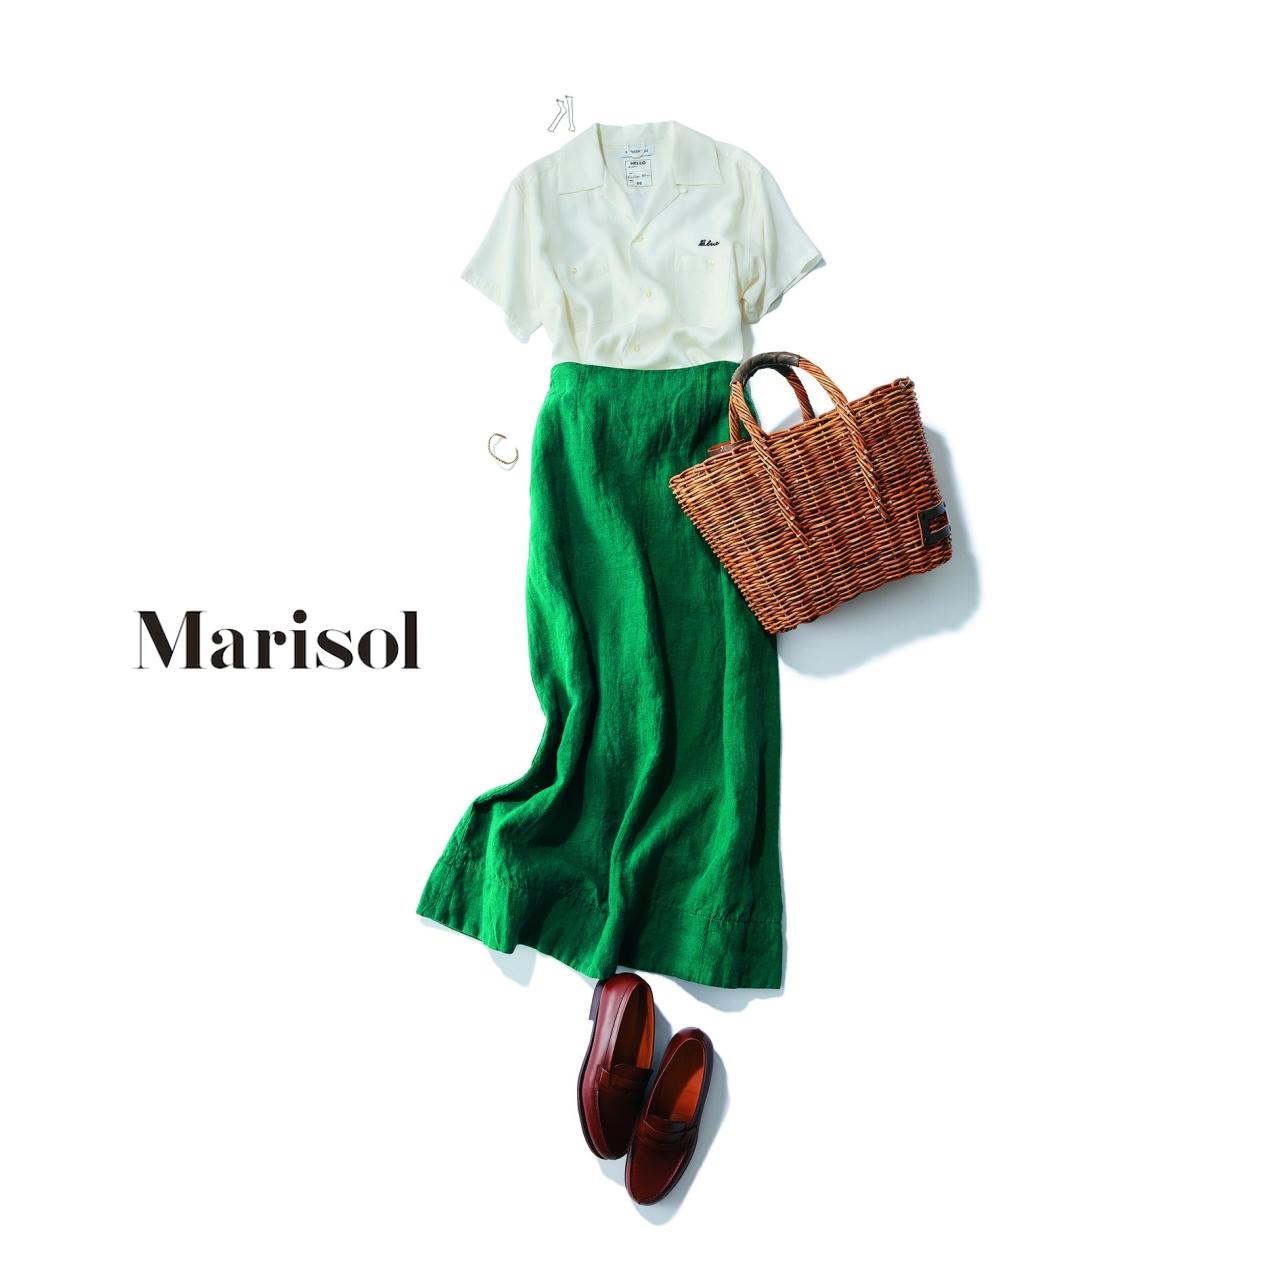 レトロな開襟シャツ×グリーンのスカートコーデ